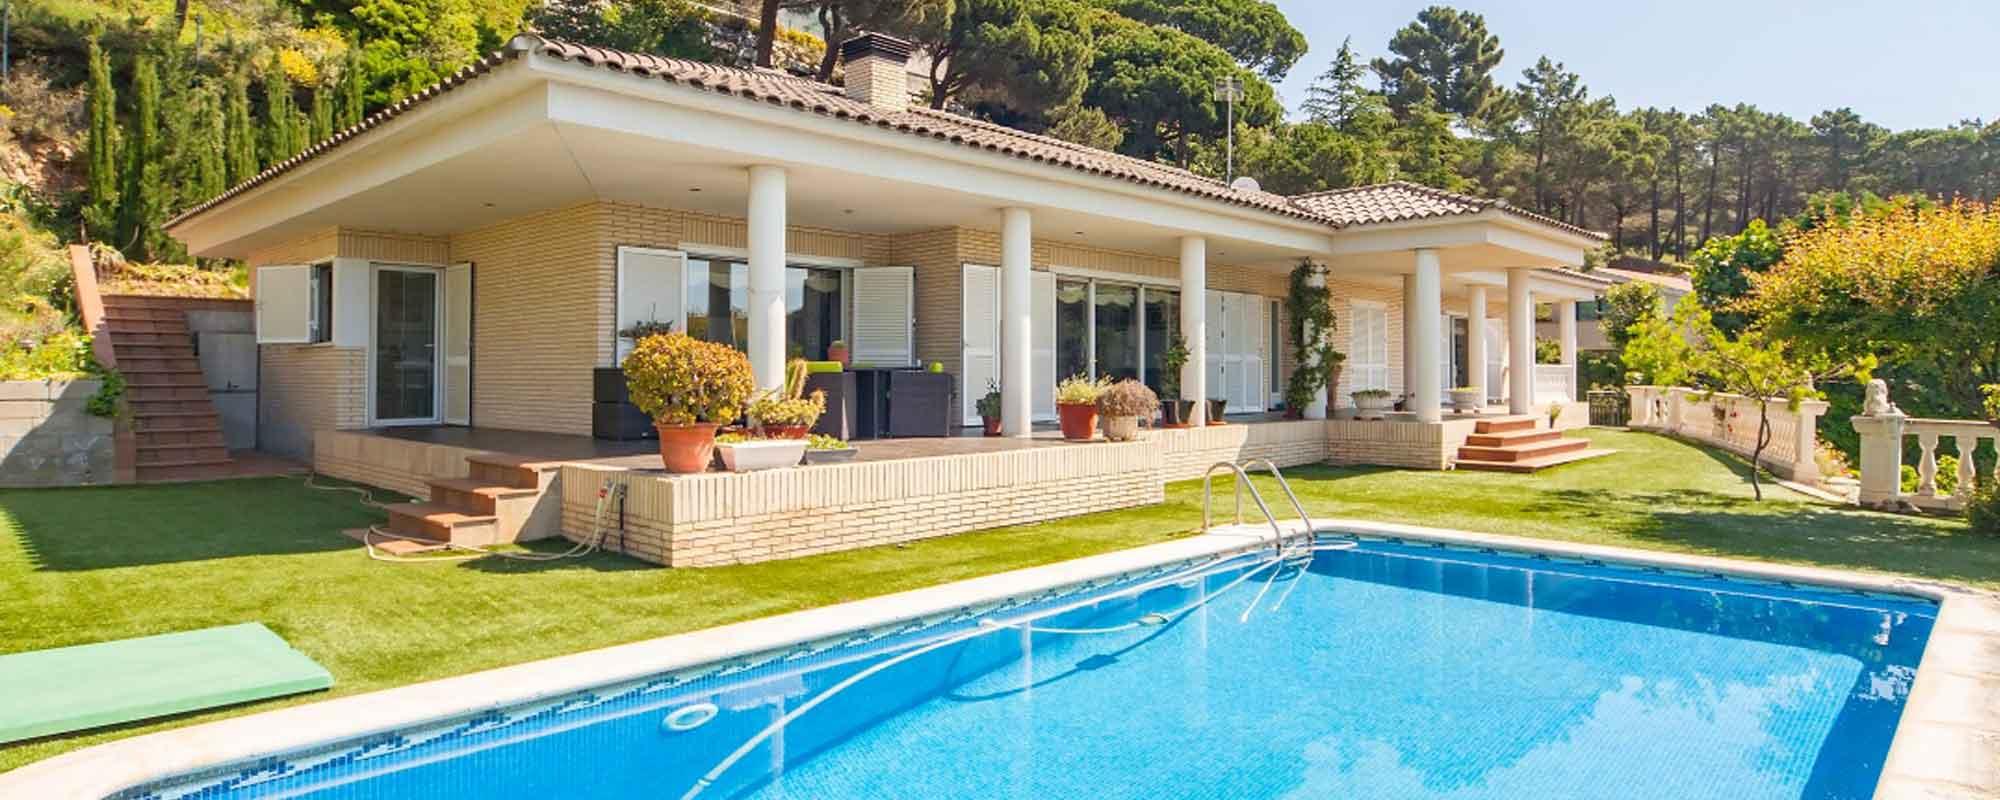 Casas de lujo y pisos en venta y alquiler en maresme y - Casas modulares de lujo ...